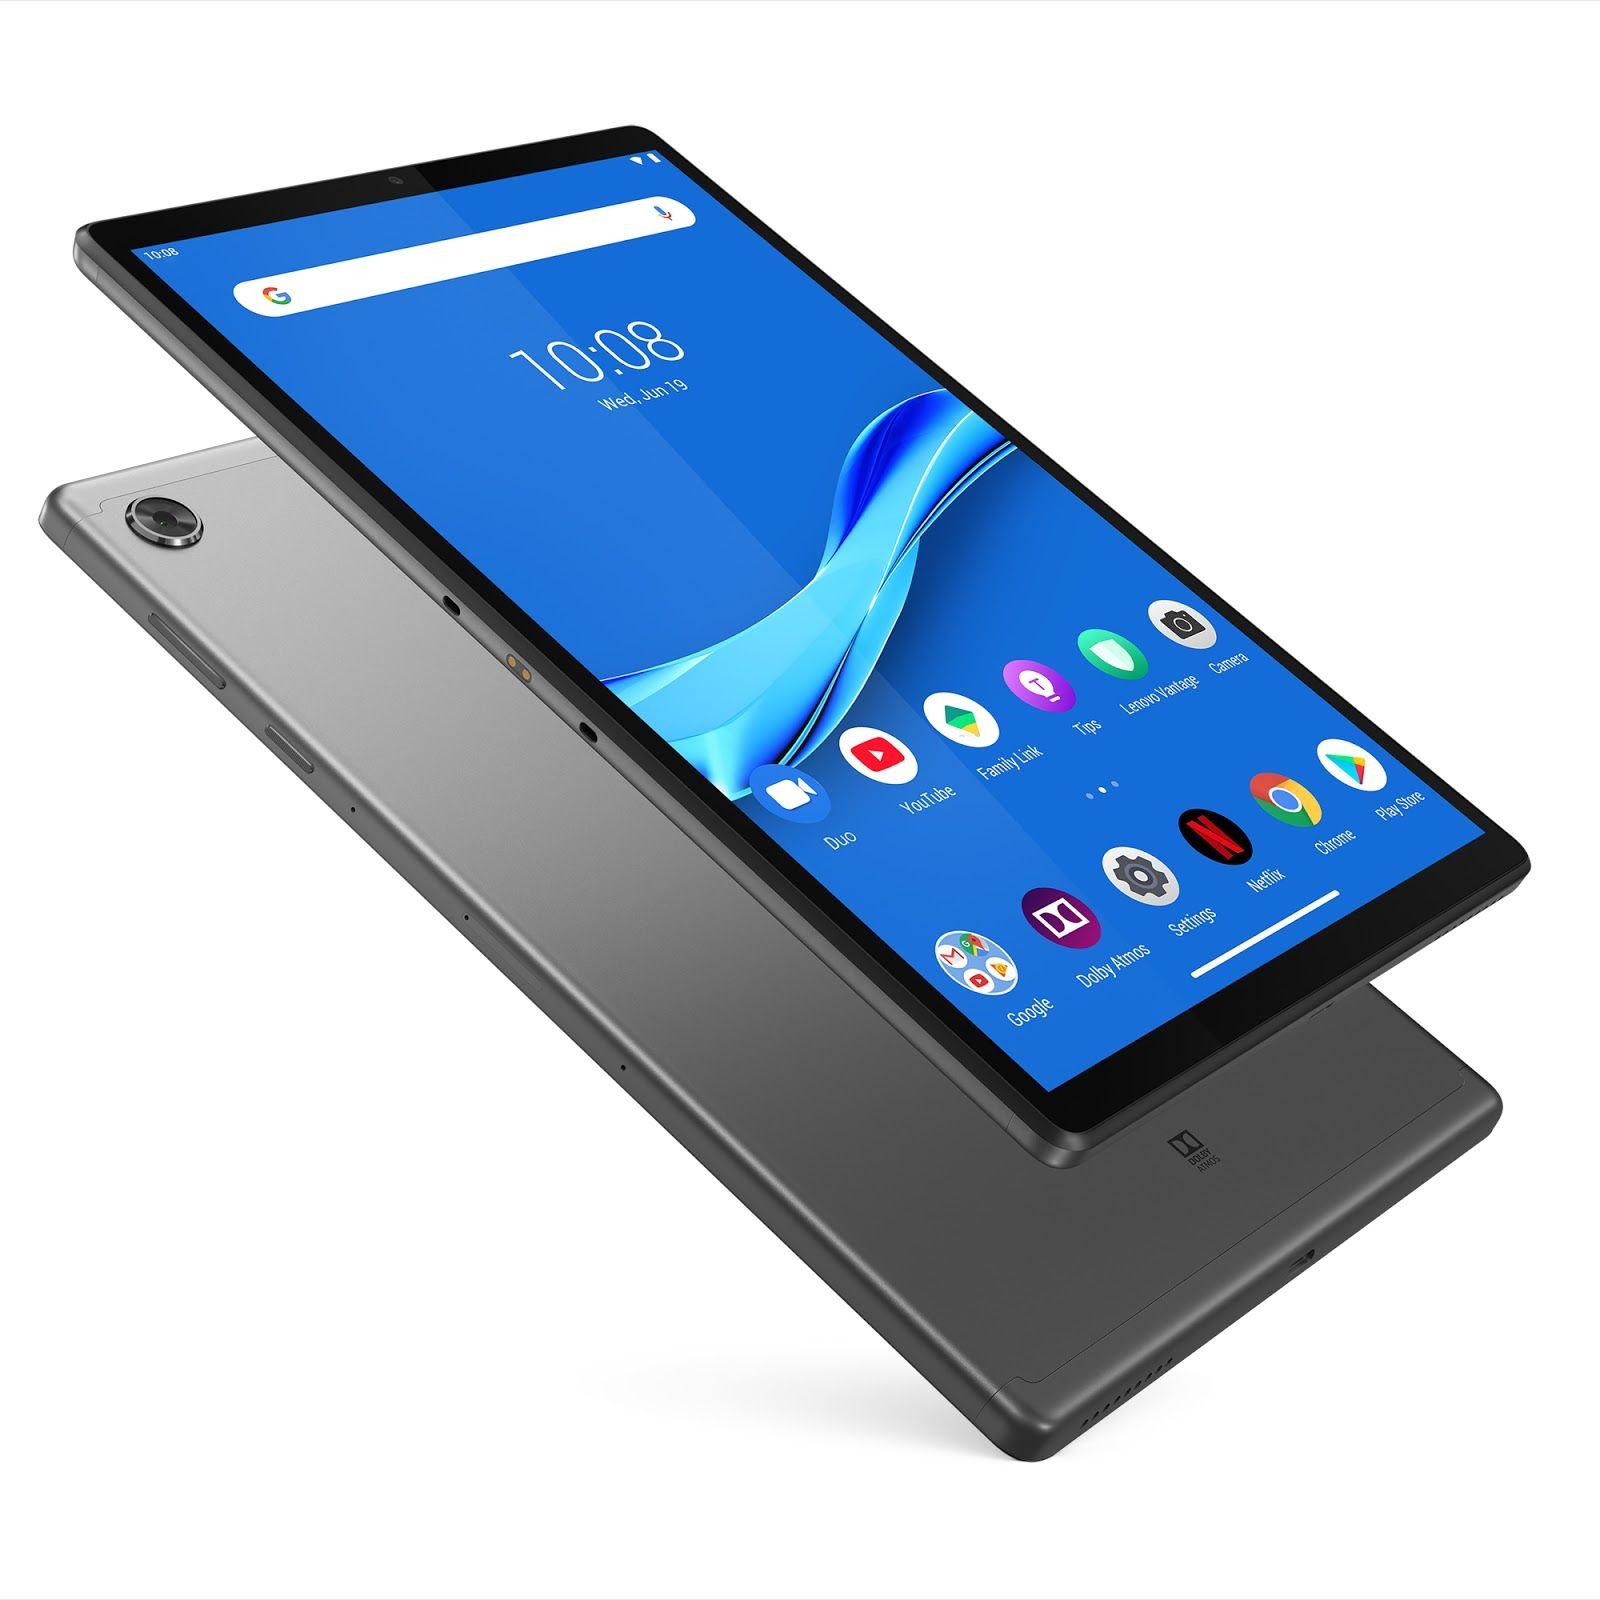 Lenovo Tab M10 Fhd Plus 10 Android Tablet 32gb Walmart Com In 2021 Best Android Tablet Android Tablets Lenovo